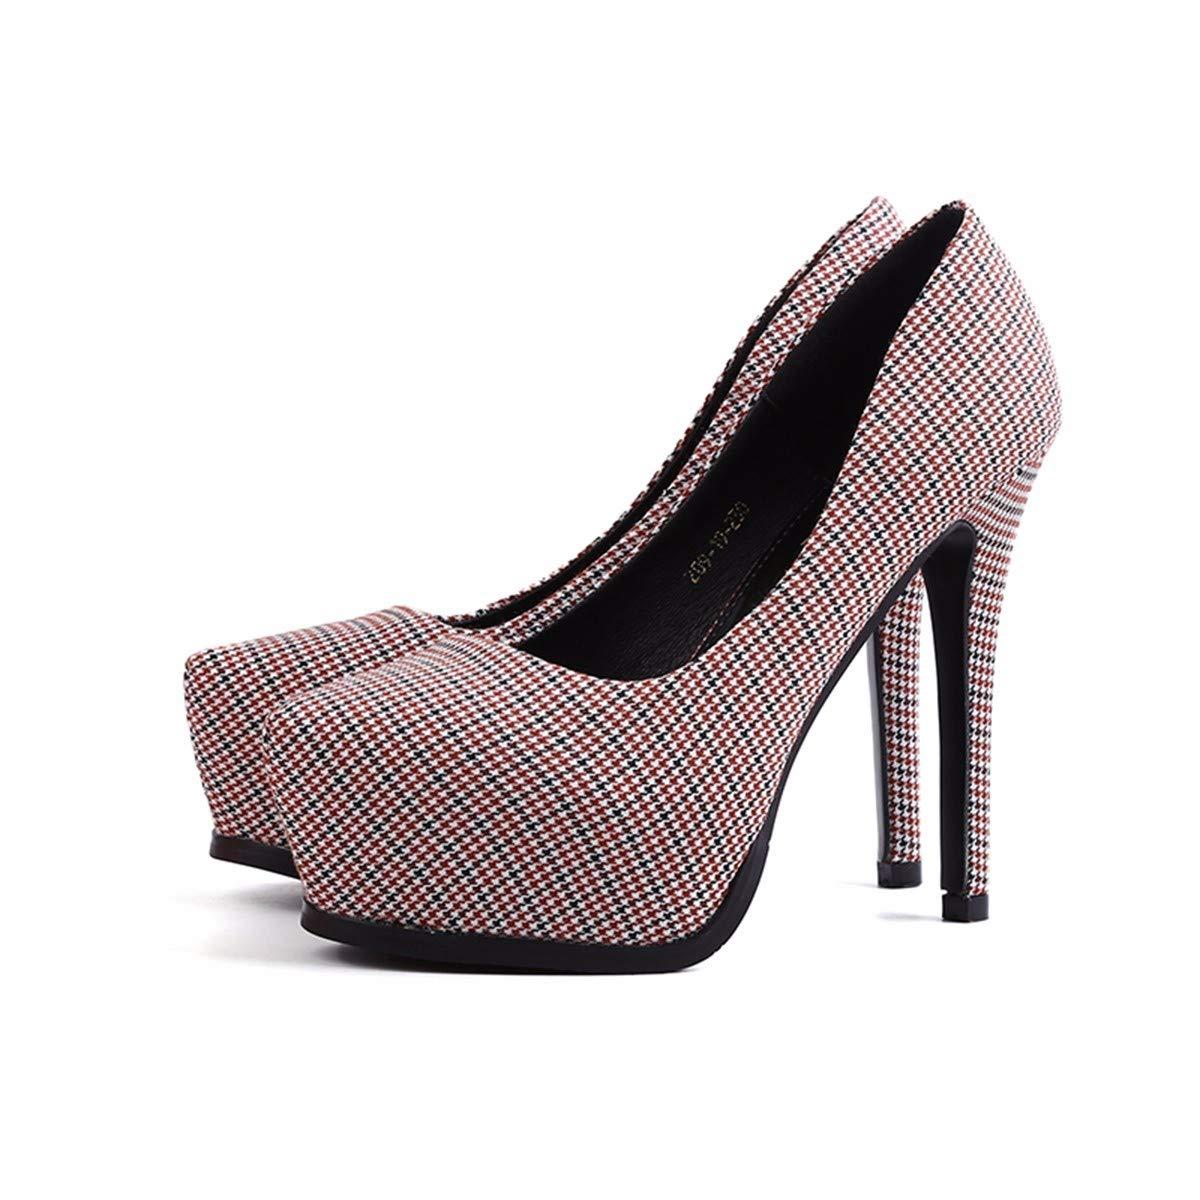 GTVERNH Damenschuhe Mode 11Cm Hochhackigen Schuhe Dünn und Wasserdichte Tartan Tartan Tartan Sexy Abend Zeigen Herbst - Mode Mode Schuhe. 350c33